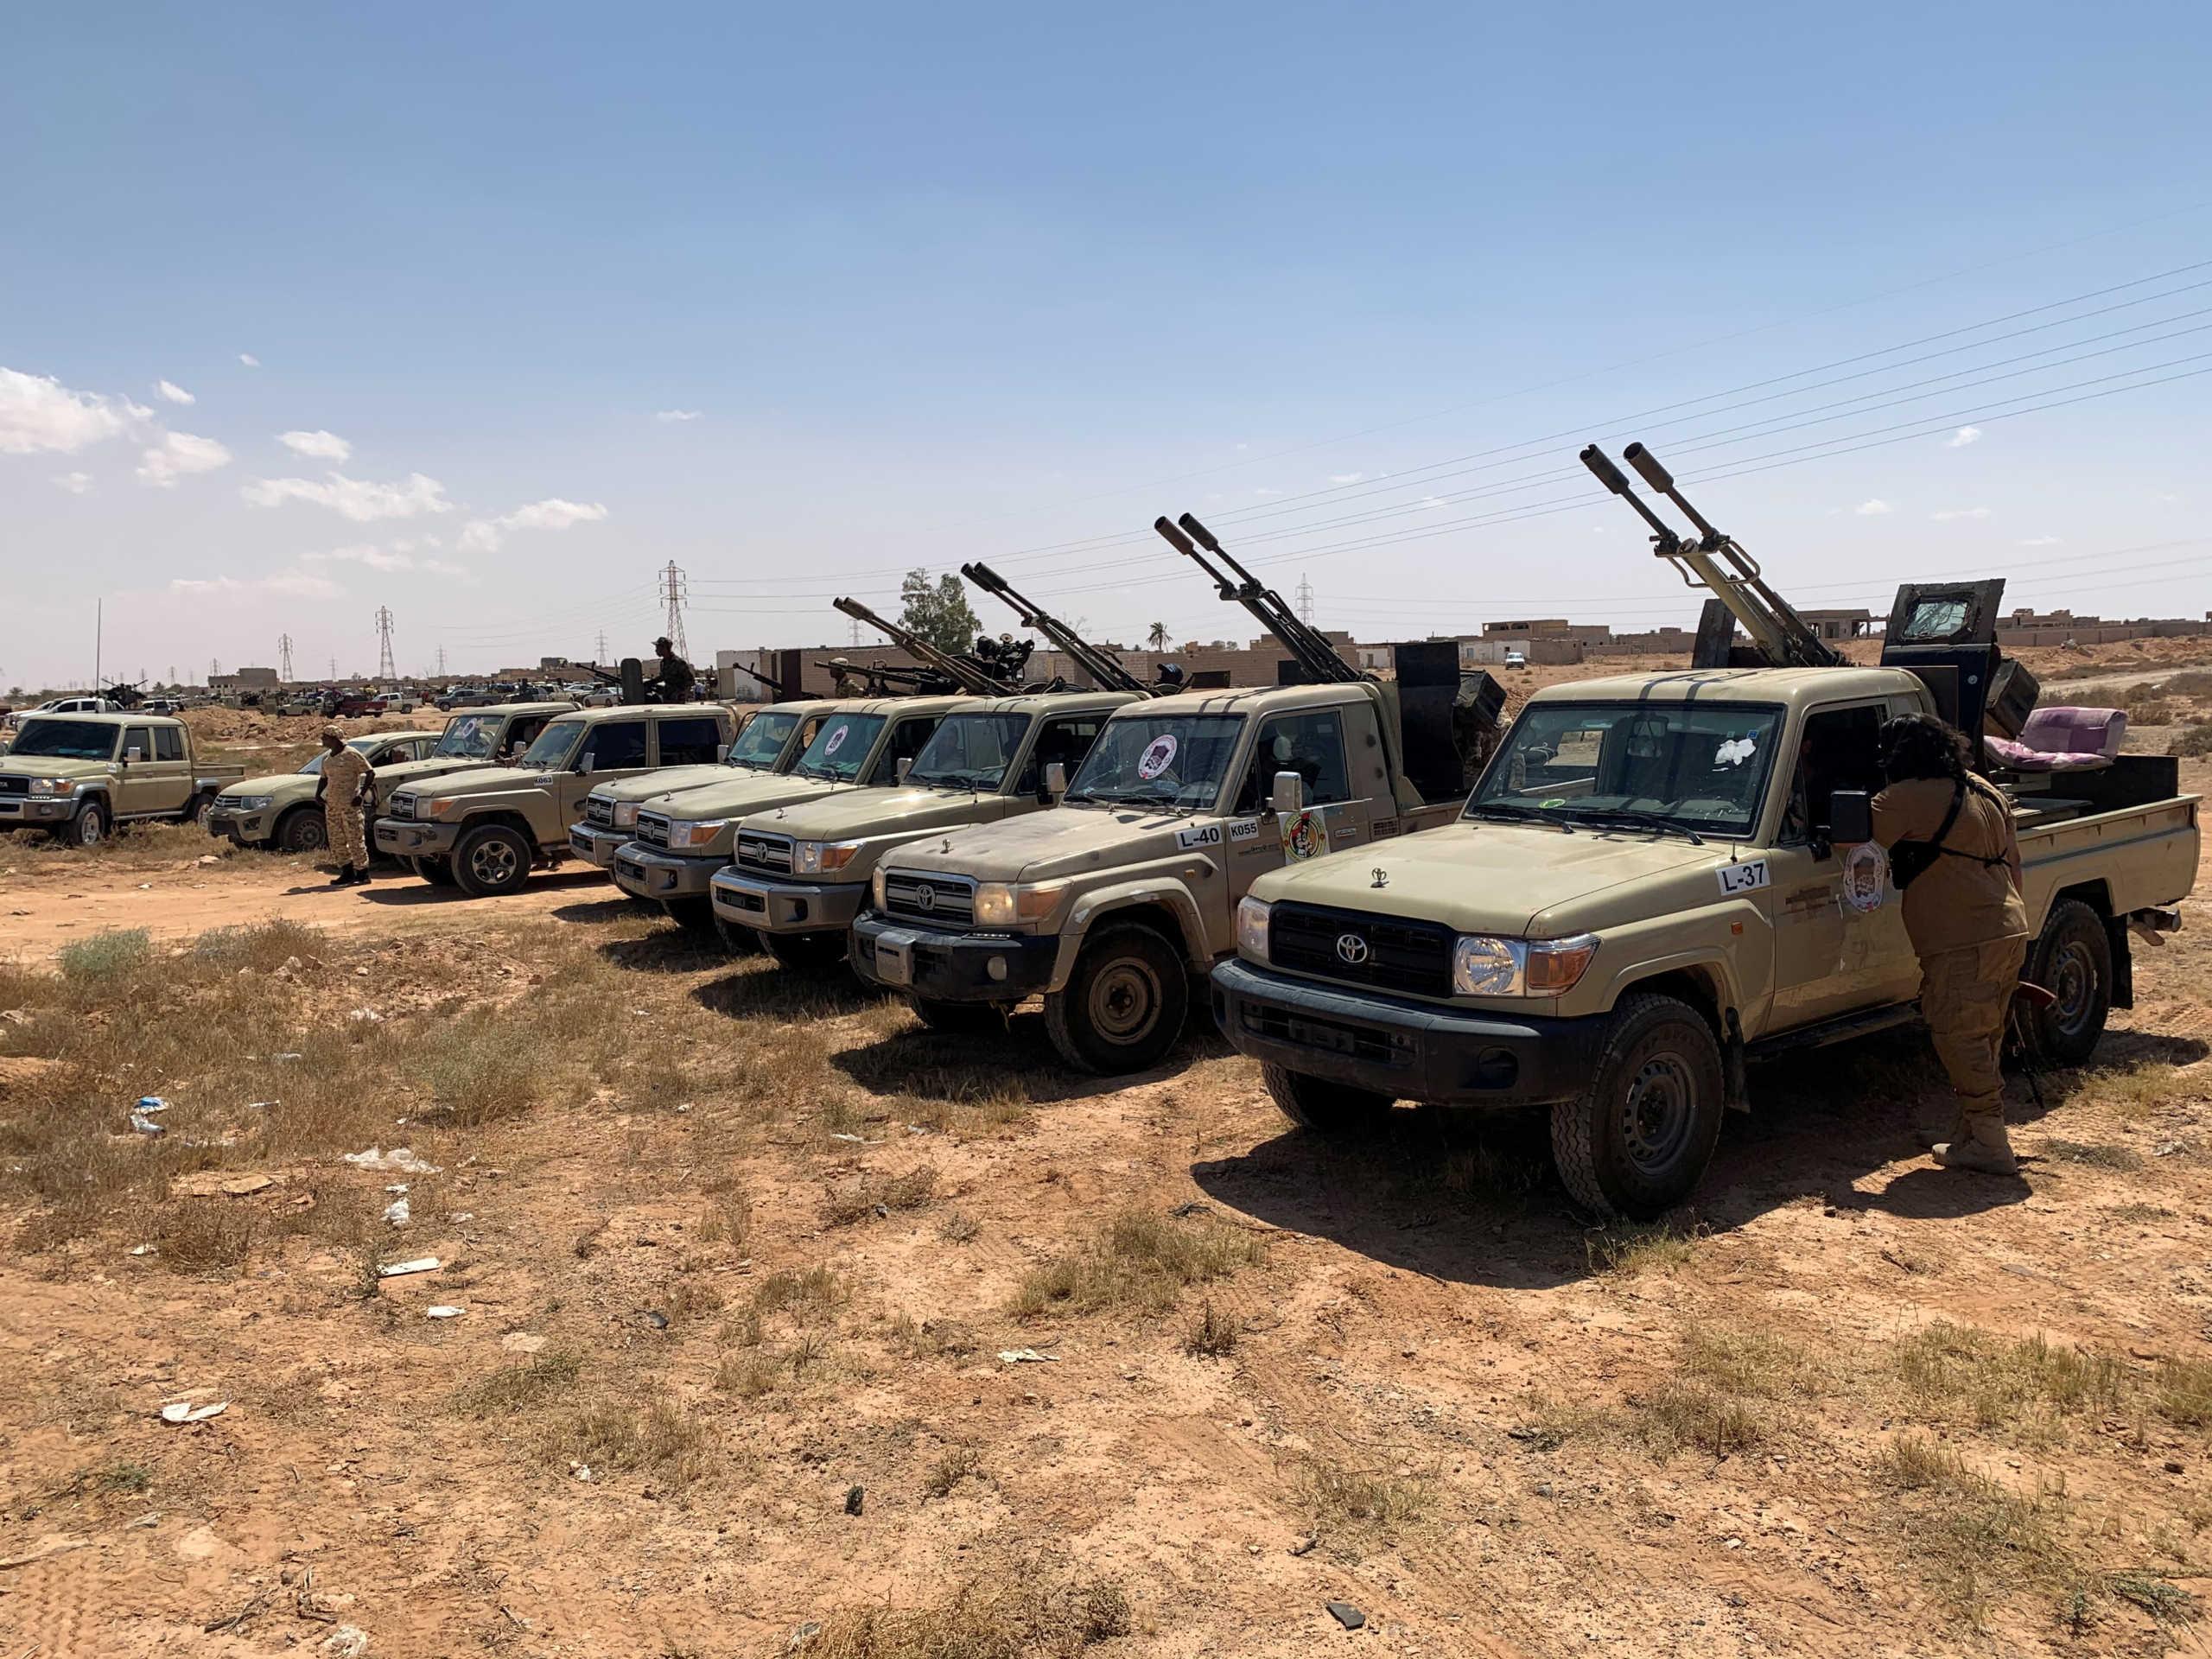 Γερμανία: Όπλα και εξοπλισμός αξίας ενός δισ.ευρώ και άνω σε χώρες που πολεμούν σε Υεμένη και Λιβύη